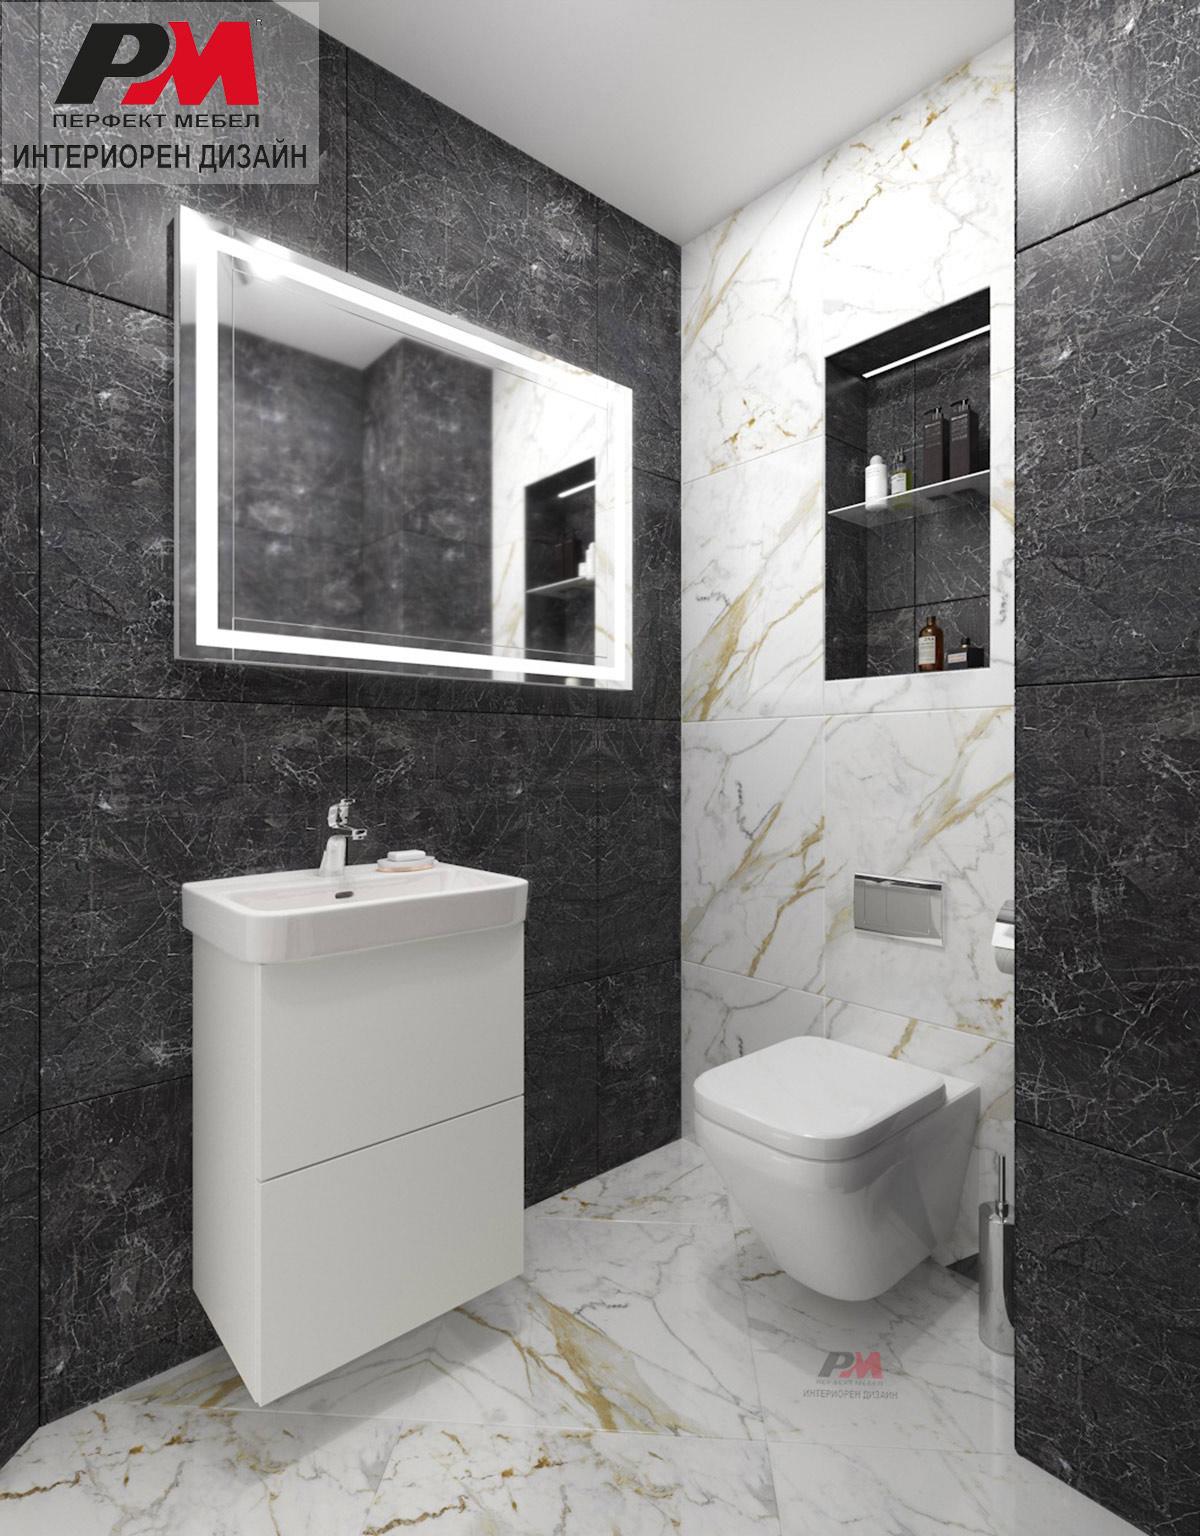 Ахроматични цветове в дизайна на тоалетната.